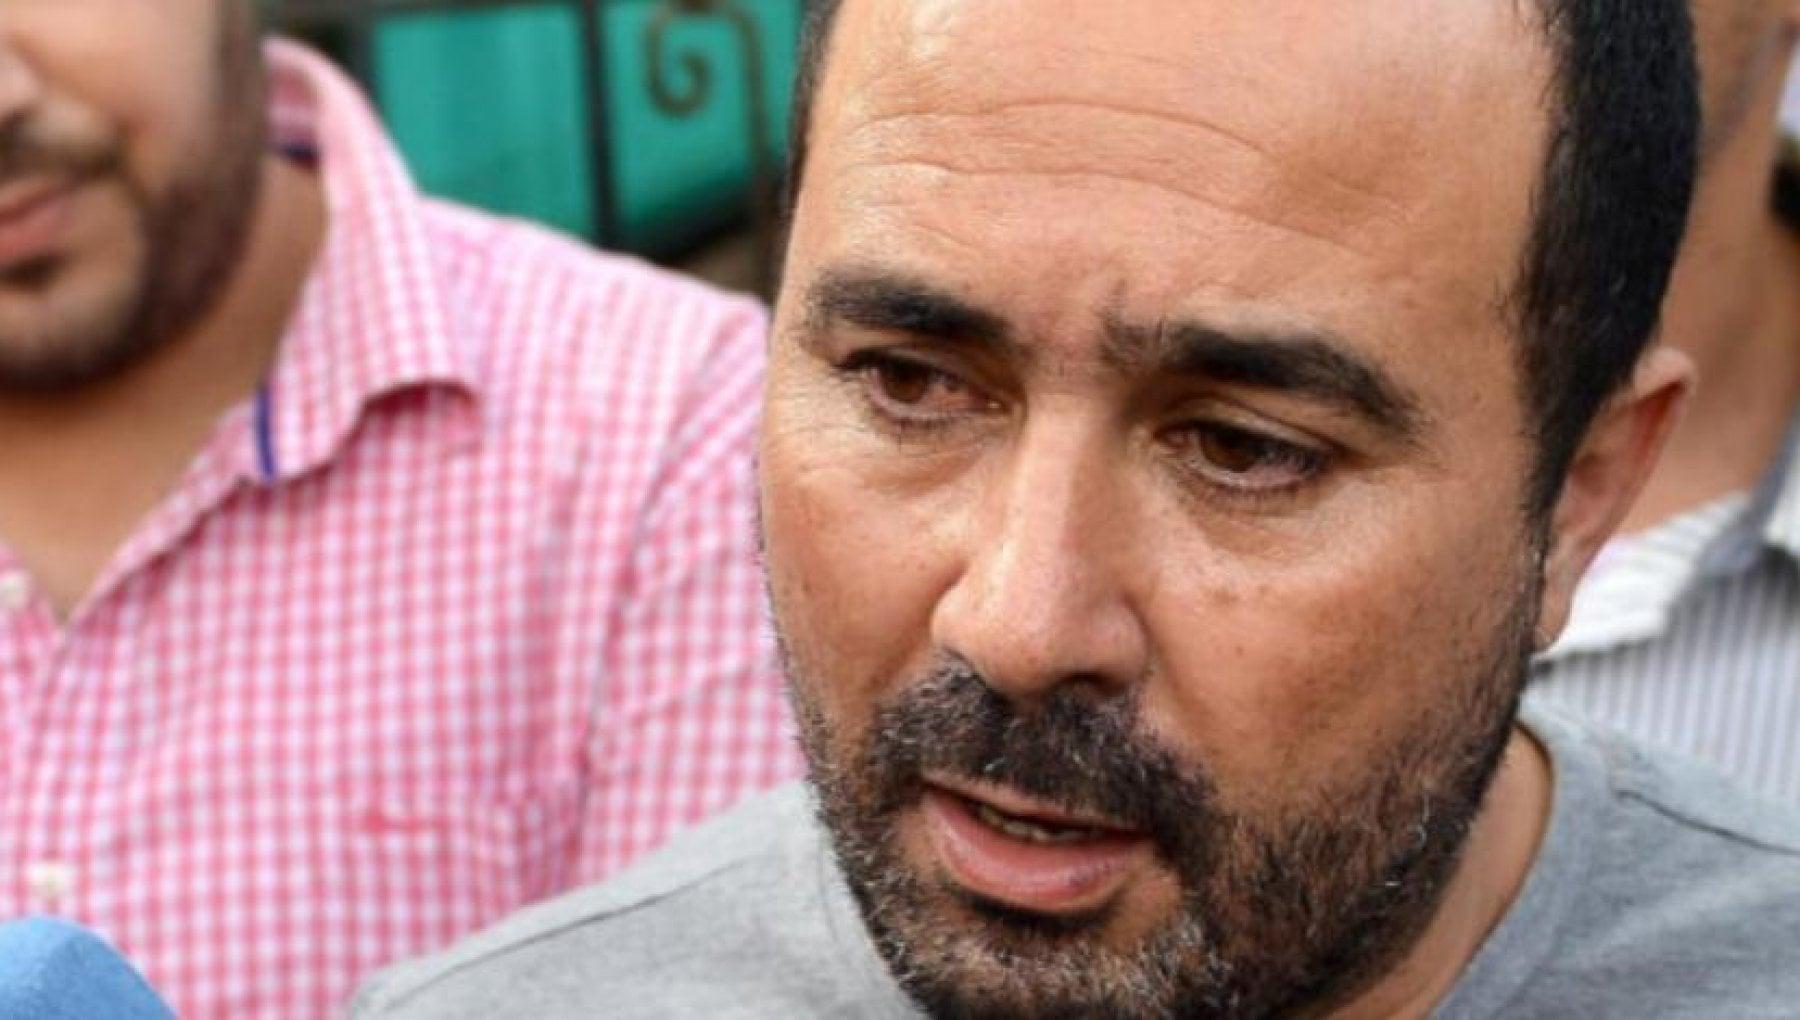 """101913387 d7d902b1 9f60 4eee 918c dee8b565fbd4 - """"Ha stuprato un uomo"""": in Marocco condannato a cinque anni il giornalista critico verso la monarchia Soulaiman Raissouni"""